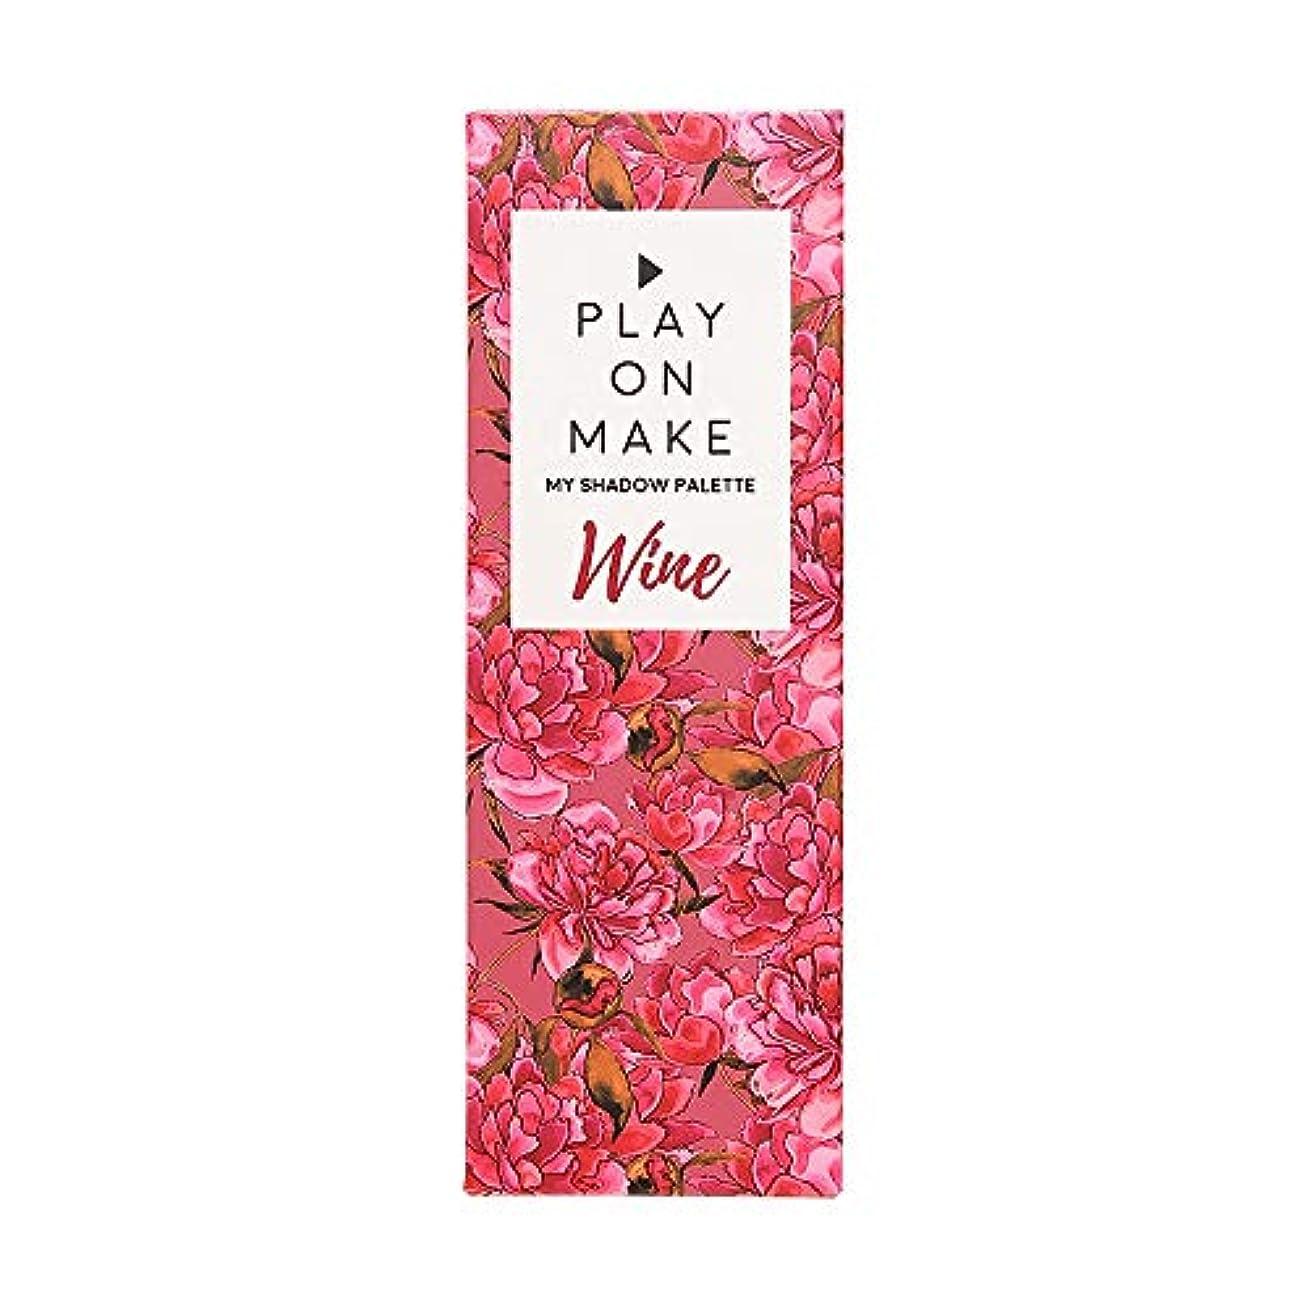 脚本対応以内にPLAYONMAKE(プレイオンメイク) マイシャドウパレット Wine アイシャドウ 1個